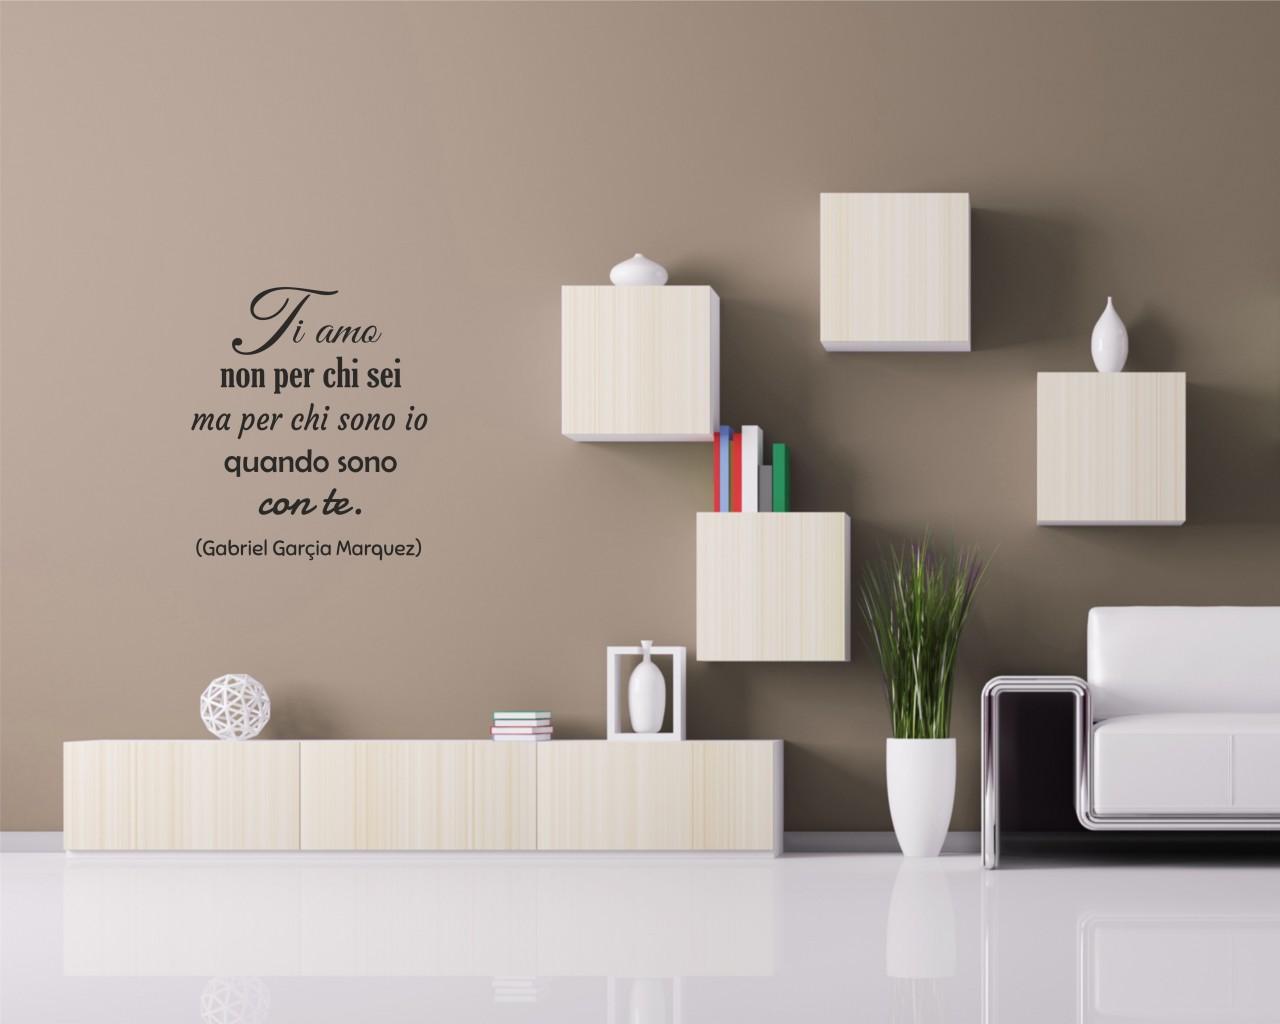 Ti amo non per chi sei frasi aforismi citazioni - Adesivi da parete camera da letto ...